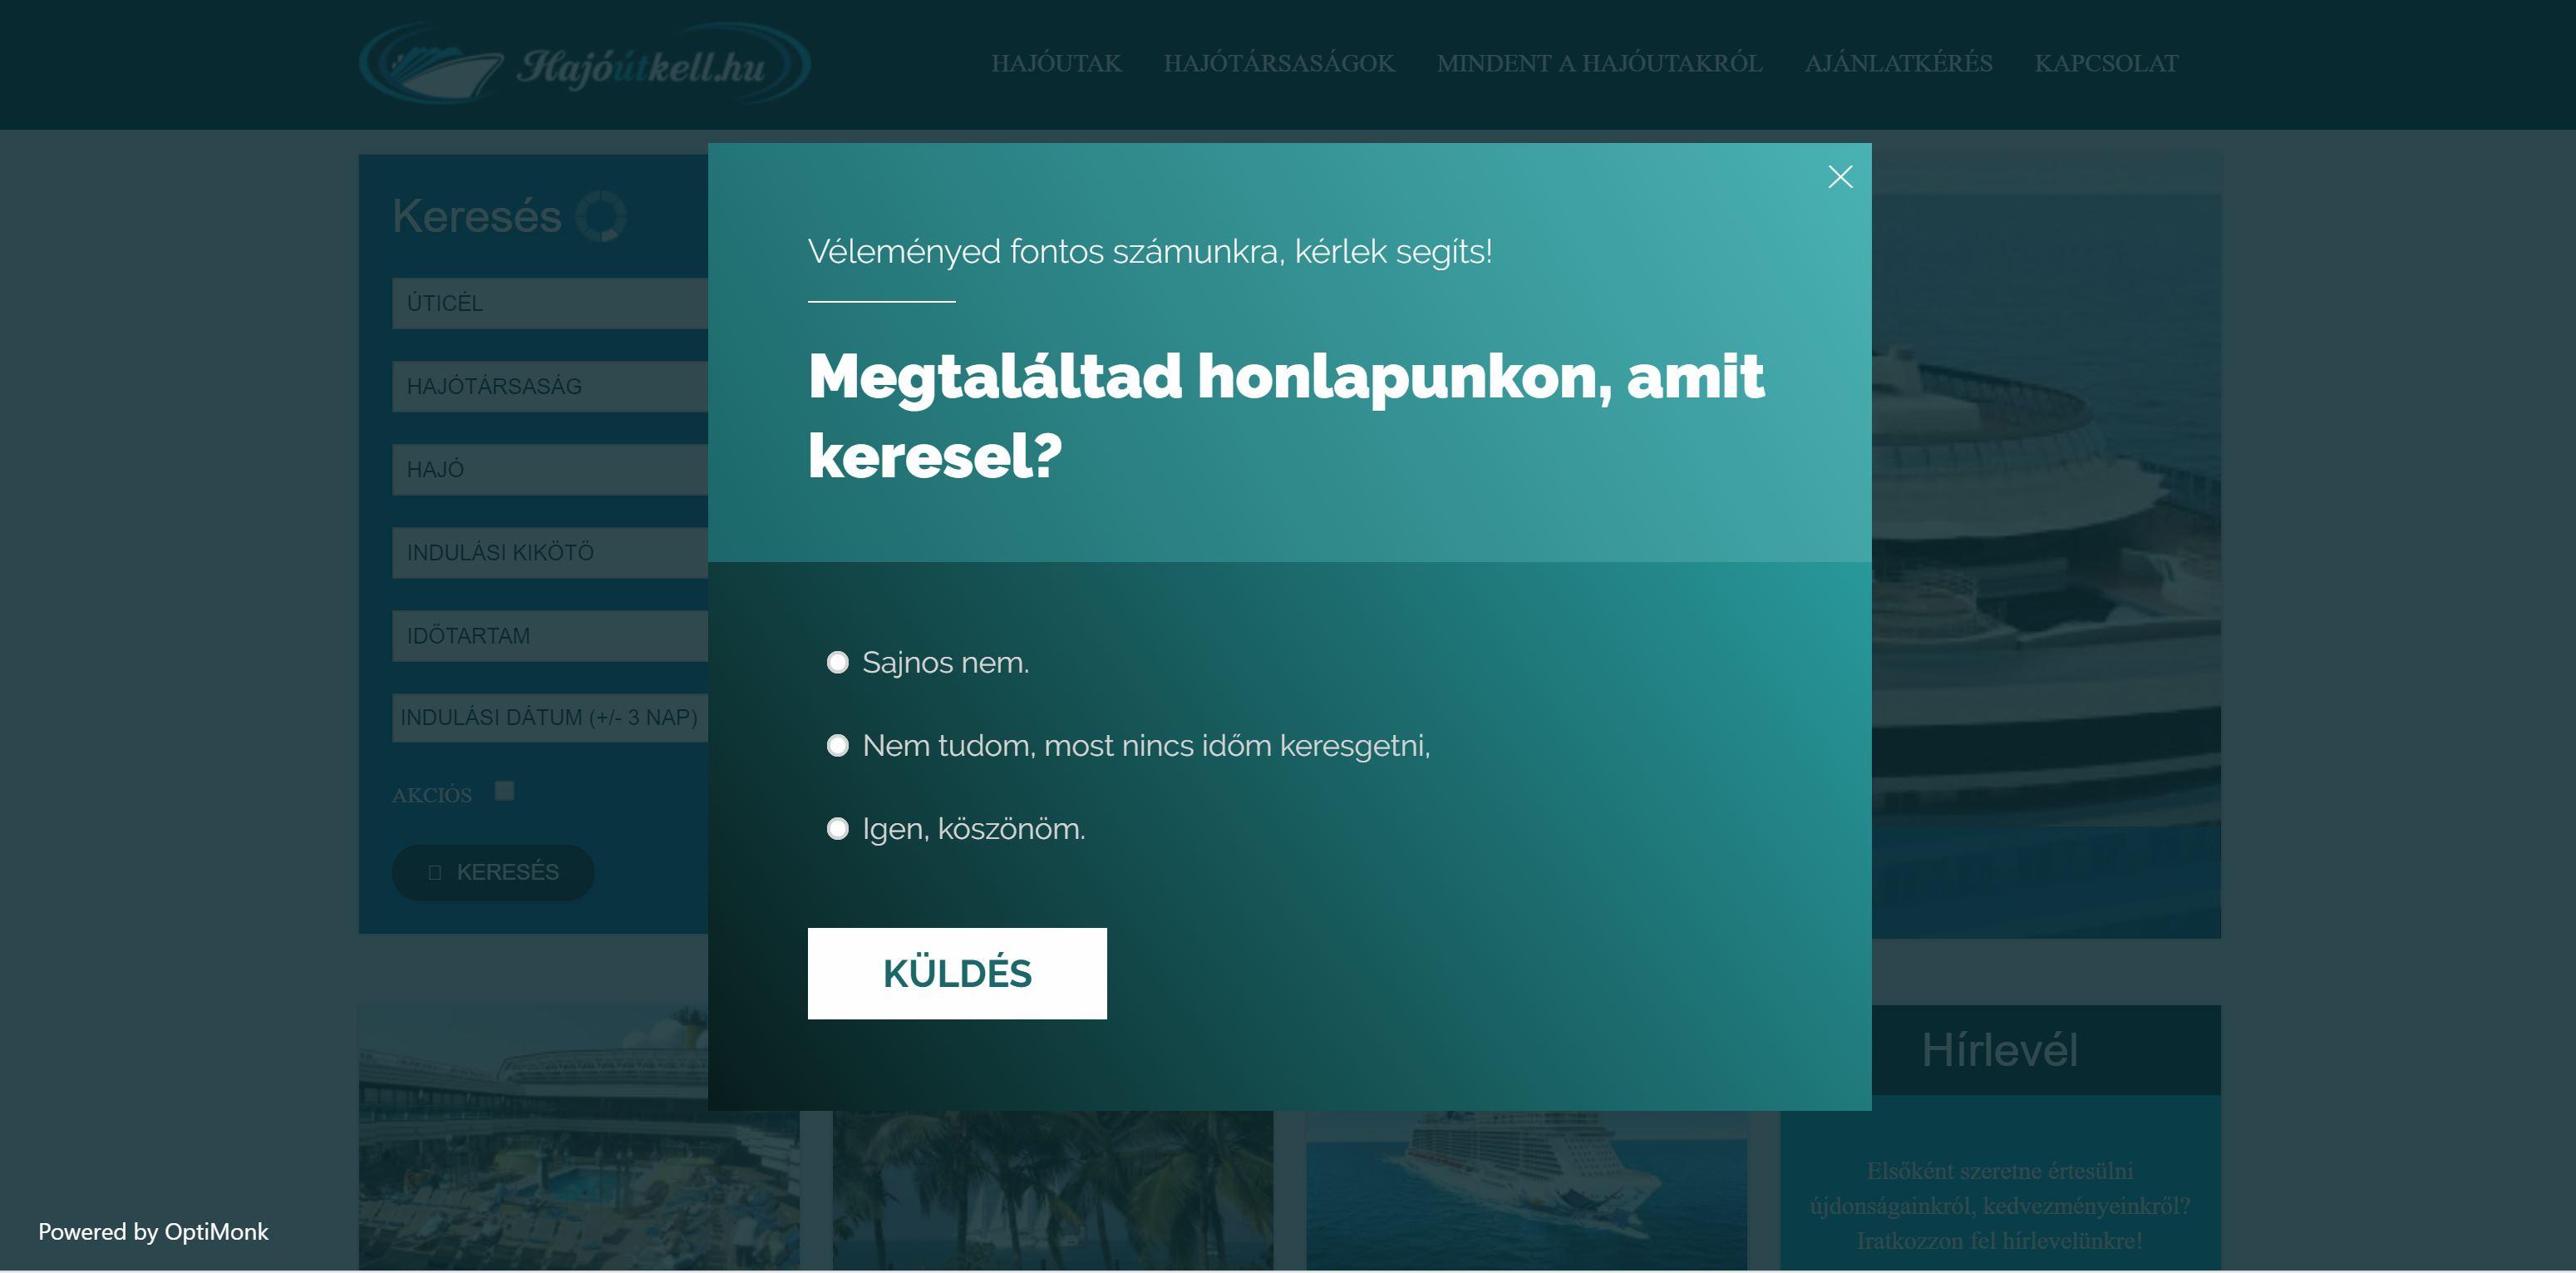 hajoutkell.hu